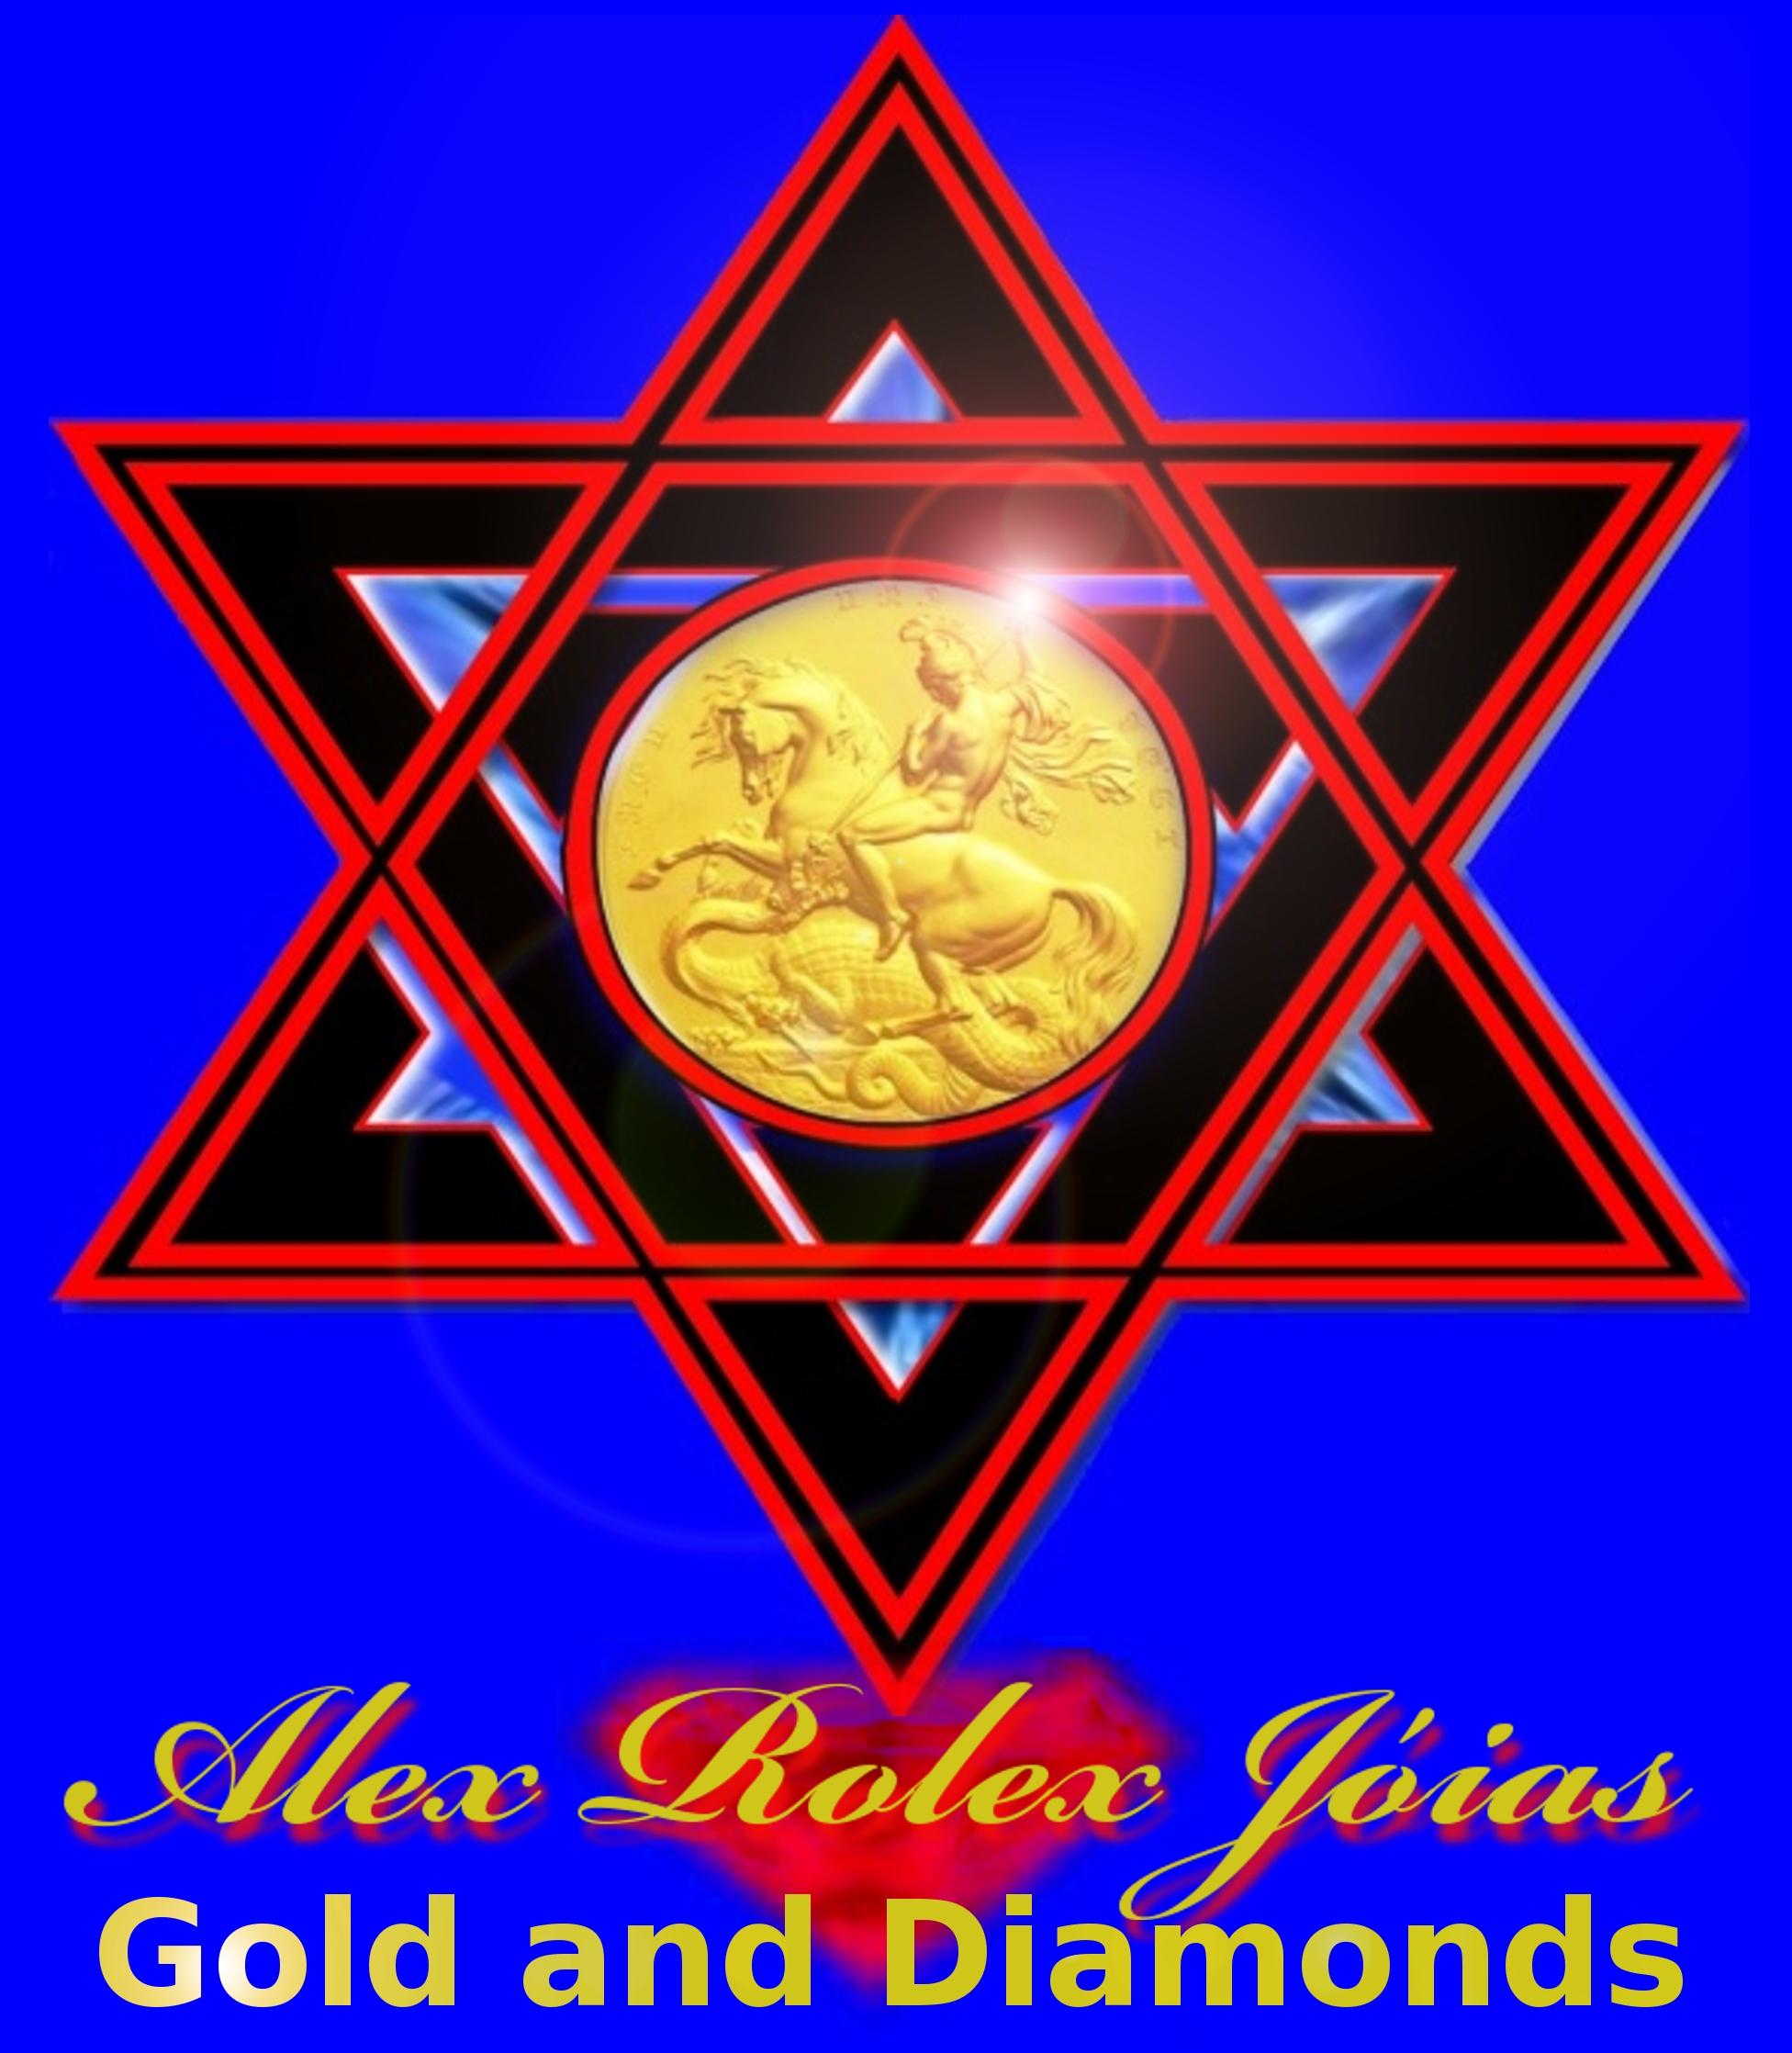 Compra ouro - +55-21-96944-7766